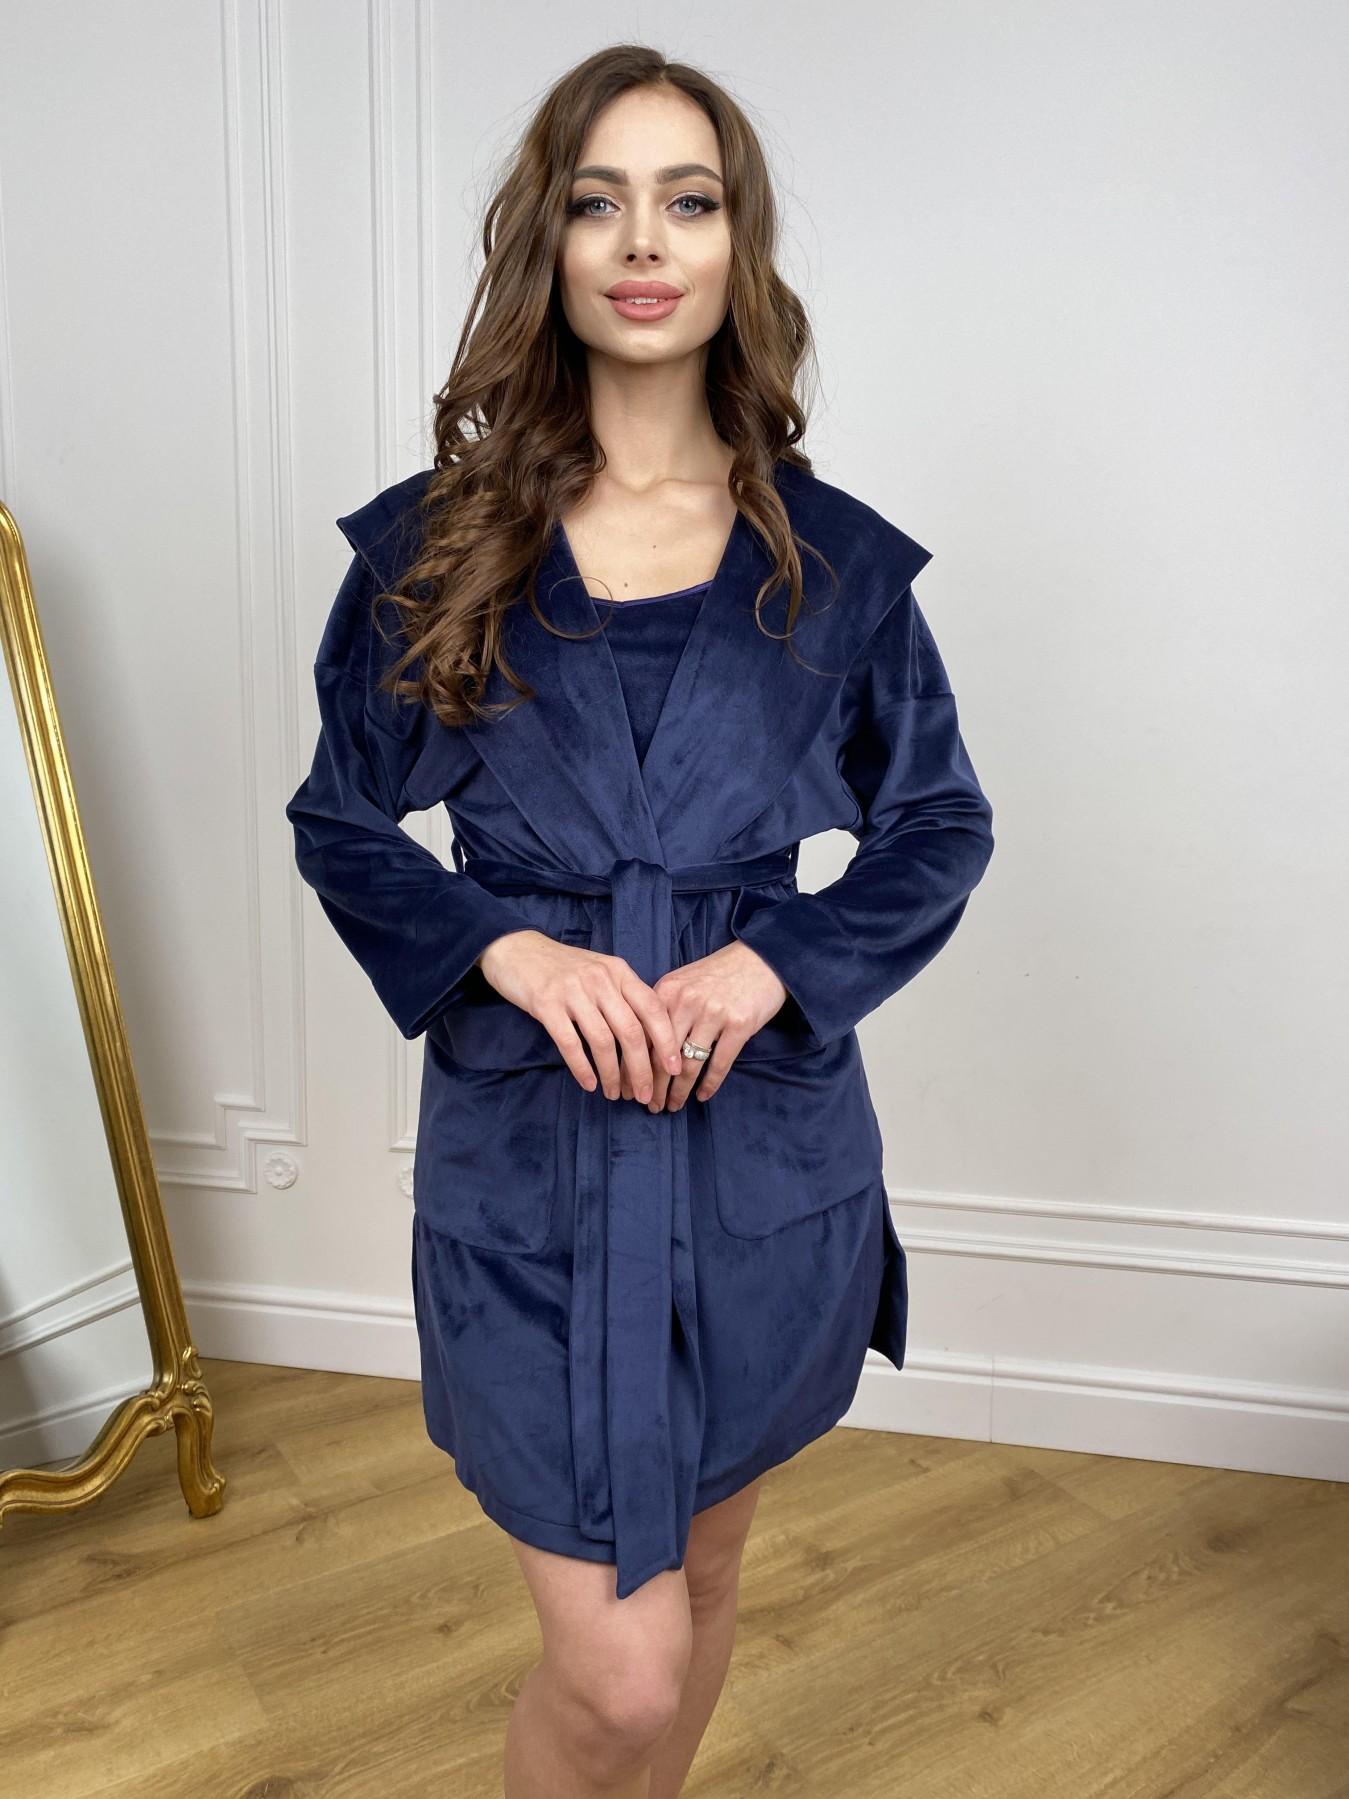 Фабьен халат из  велюровой ткани  10483 АРТ. 46839 Цвет: т. синий - фото 6, интернет магазин tm-modus.ru